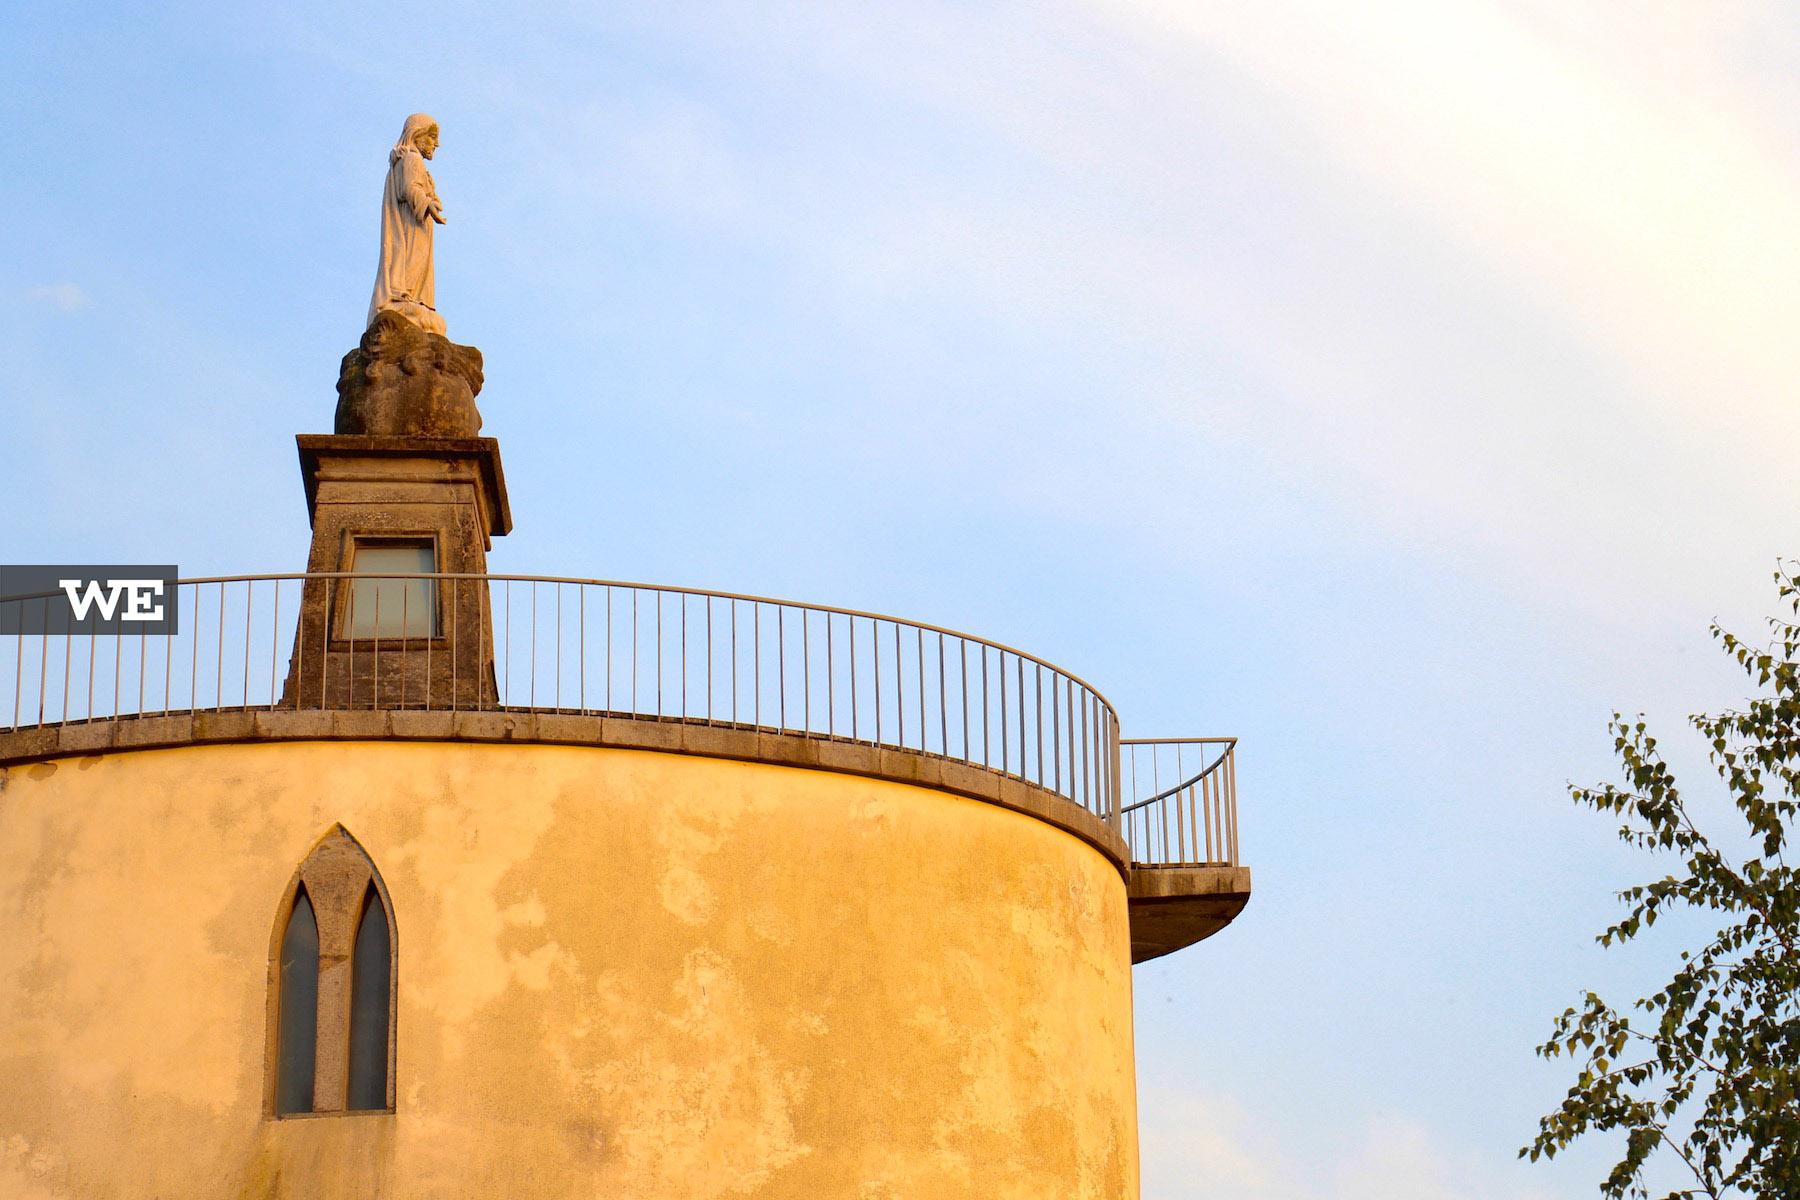 we-braga-miradouro-sagrado-coracao-jesus-5